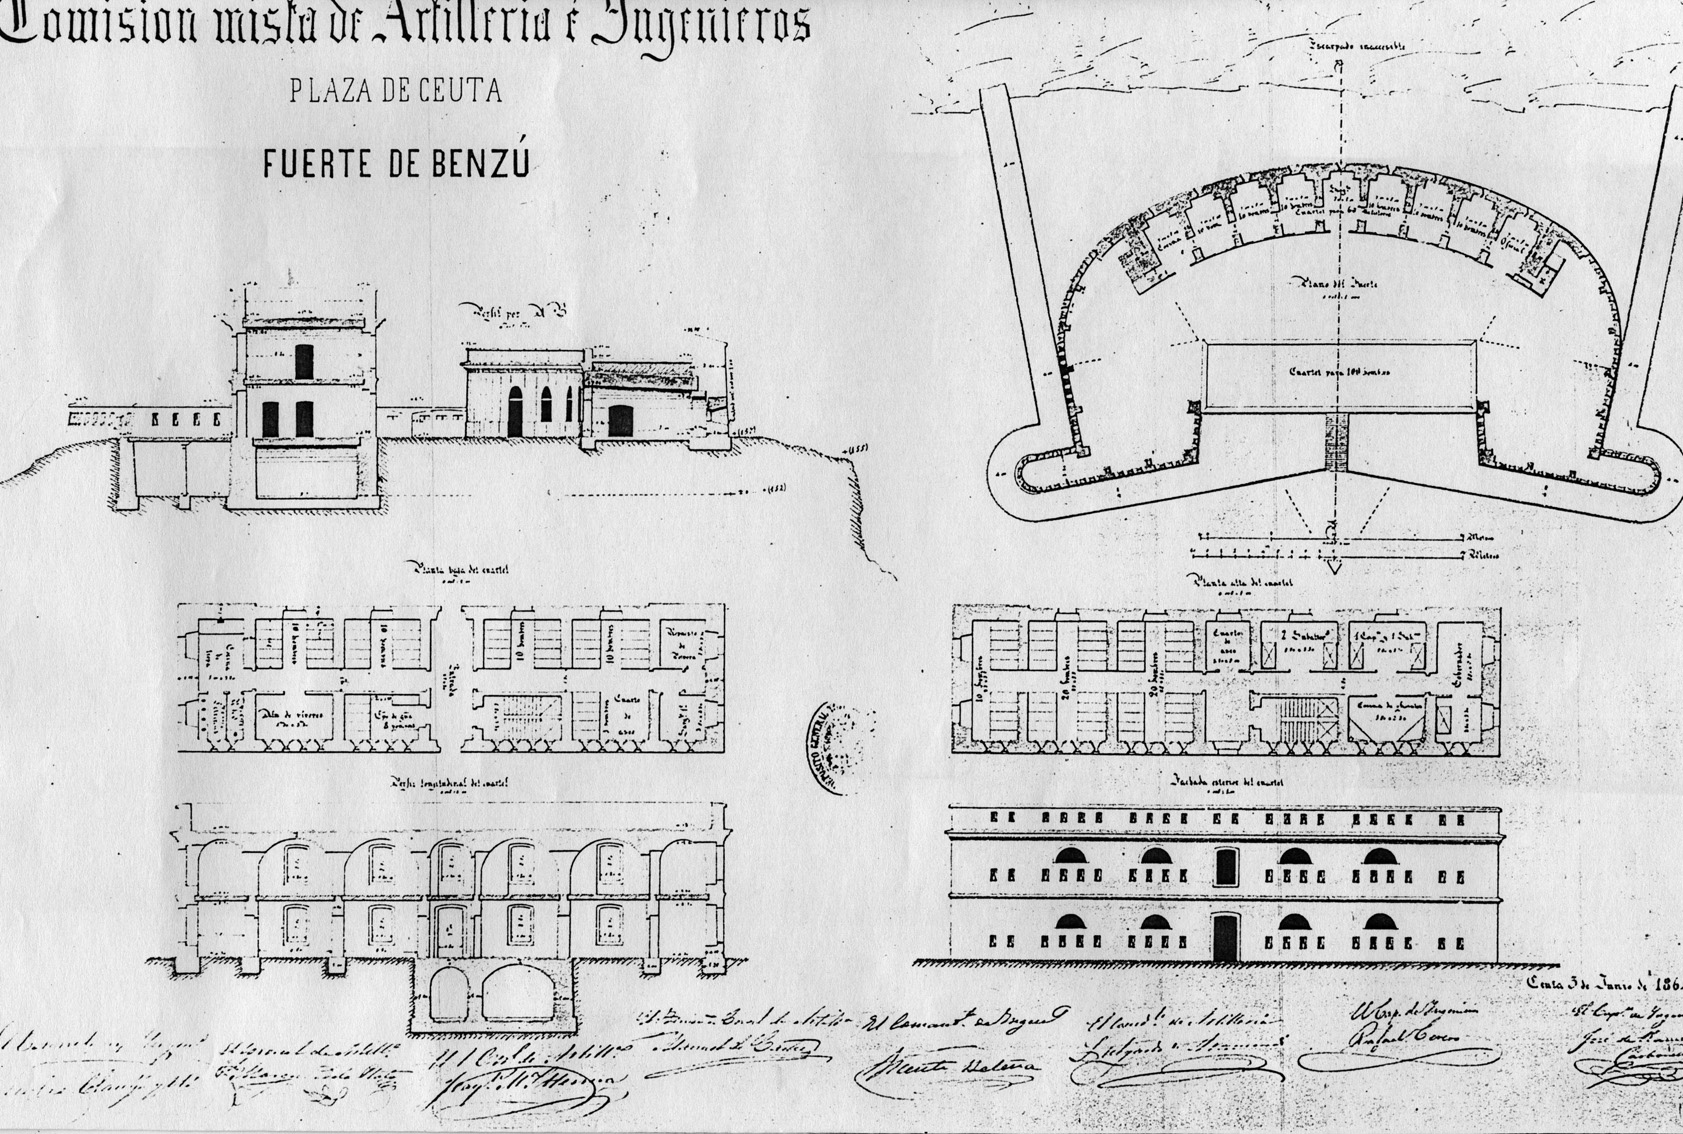 figura 25: proyecto de Benzú por José de Carbonell, 1864